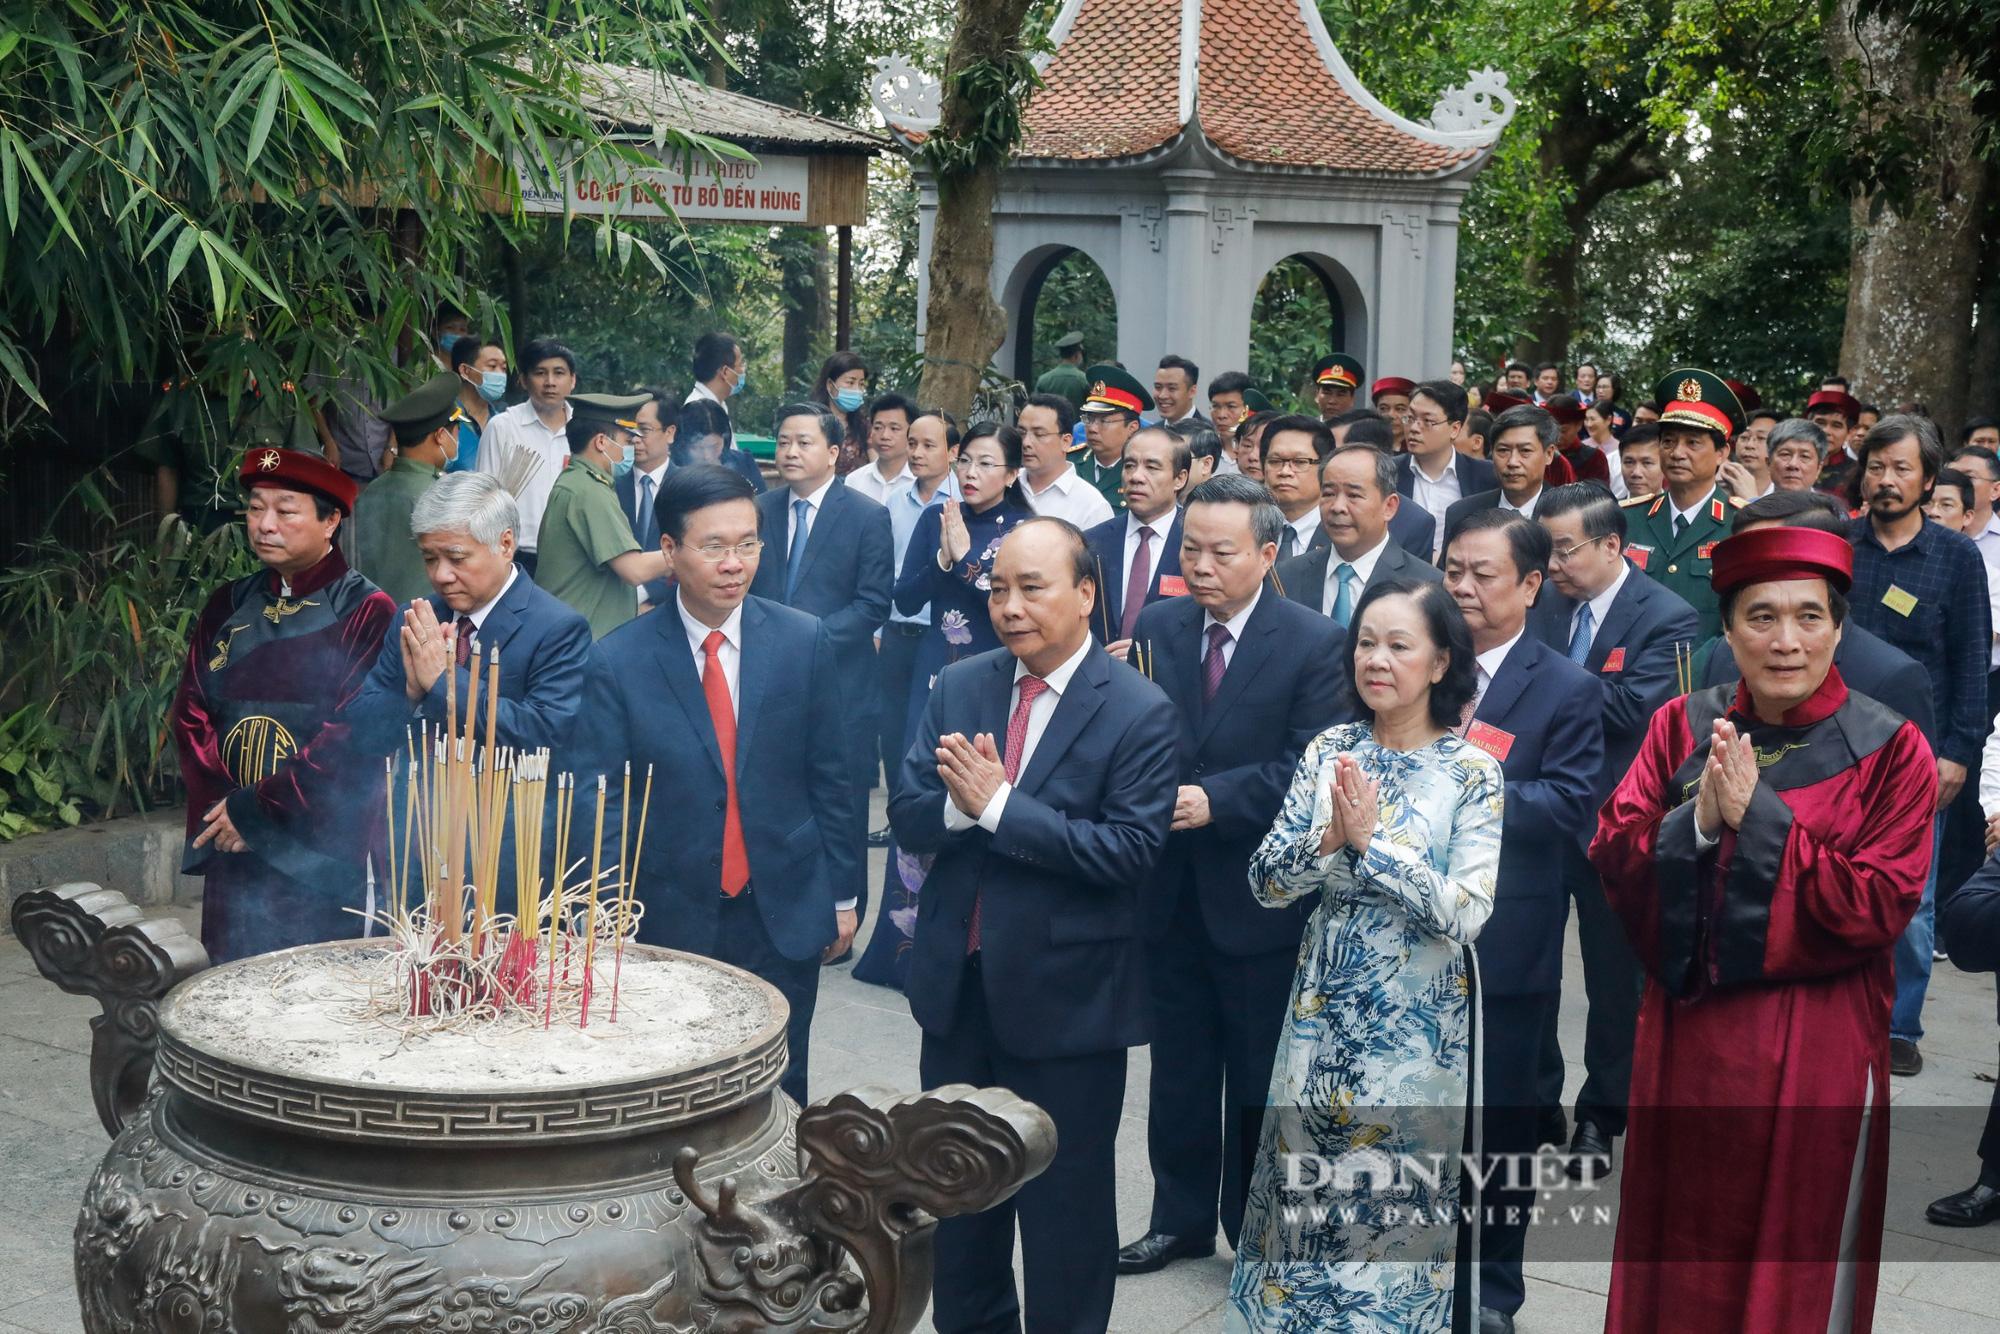 Chủ tịch nước Nguyễn Xuân Phúc dâng hương tưởng nhớ các vua Hùng - Ảnh 4.